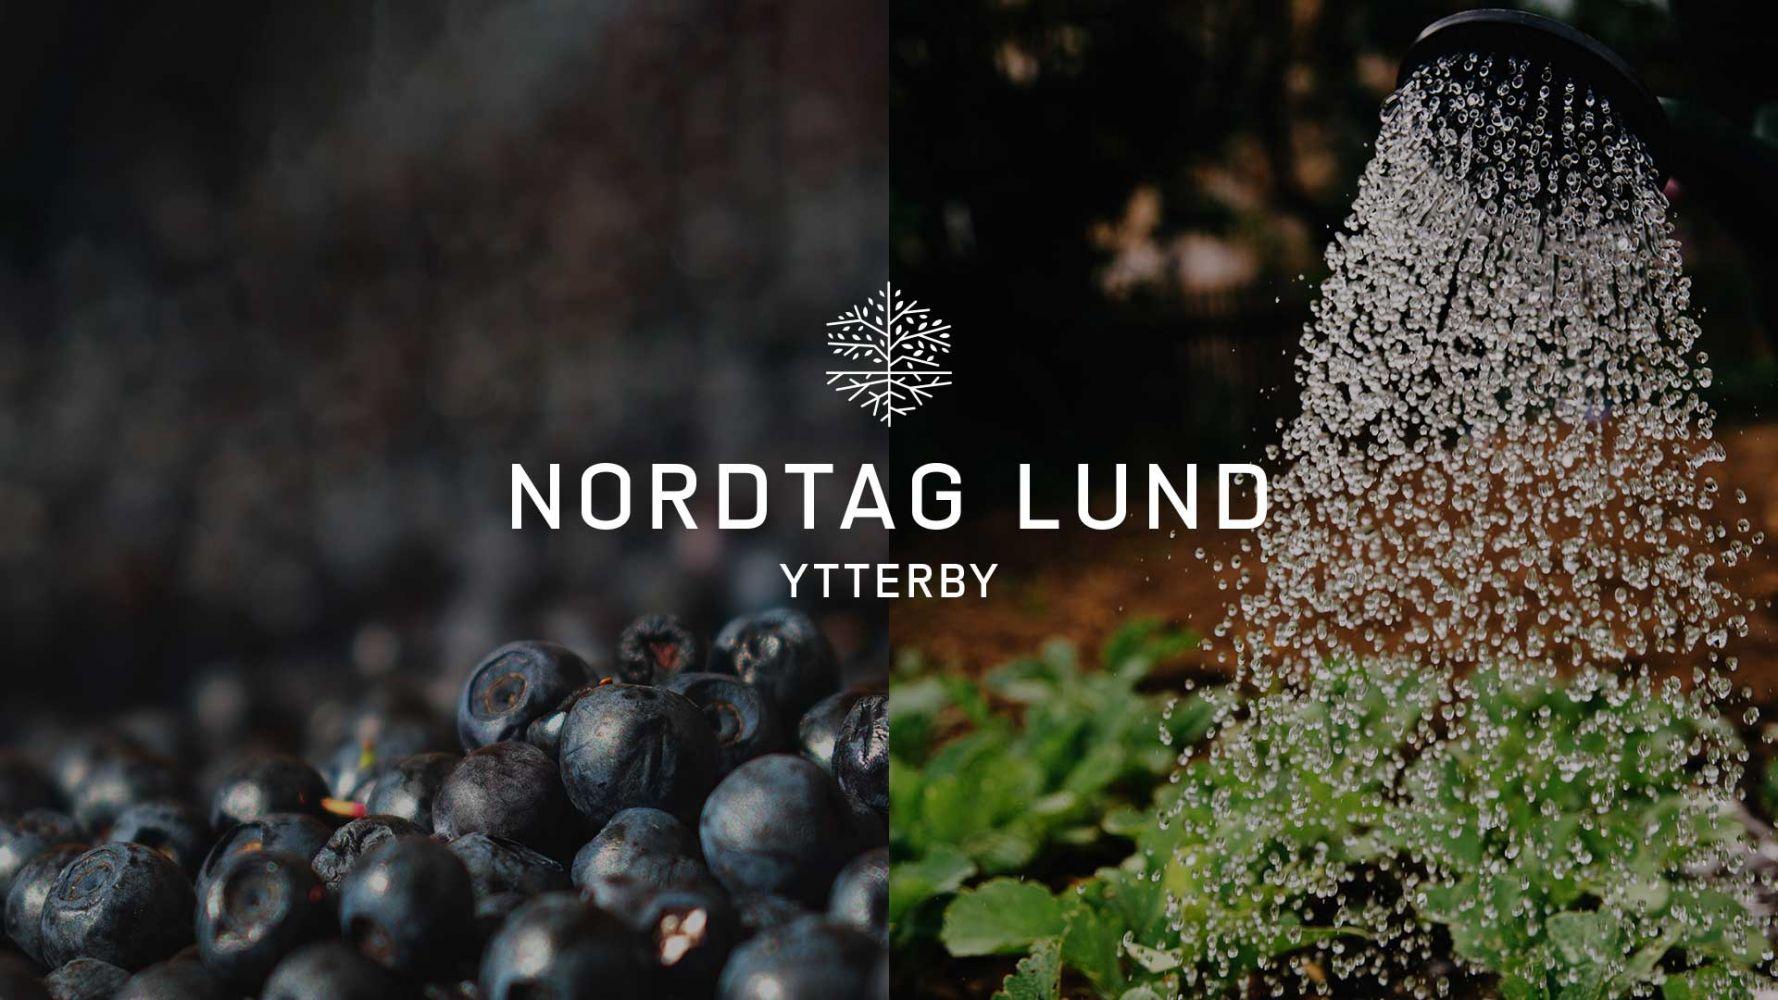 Nordaglund_1.jpg